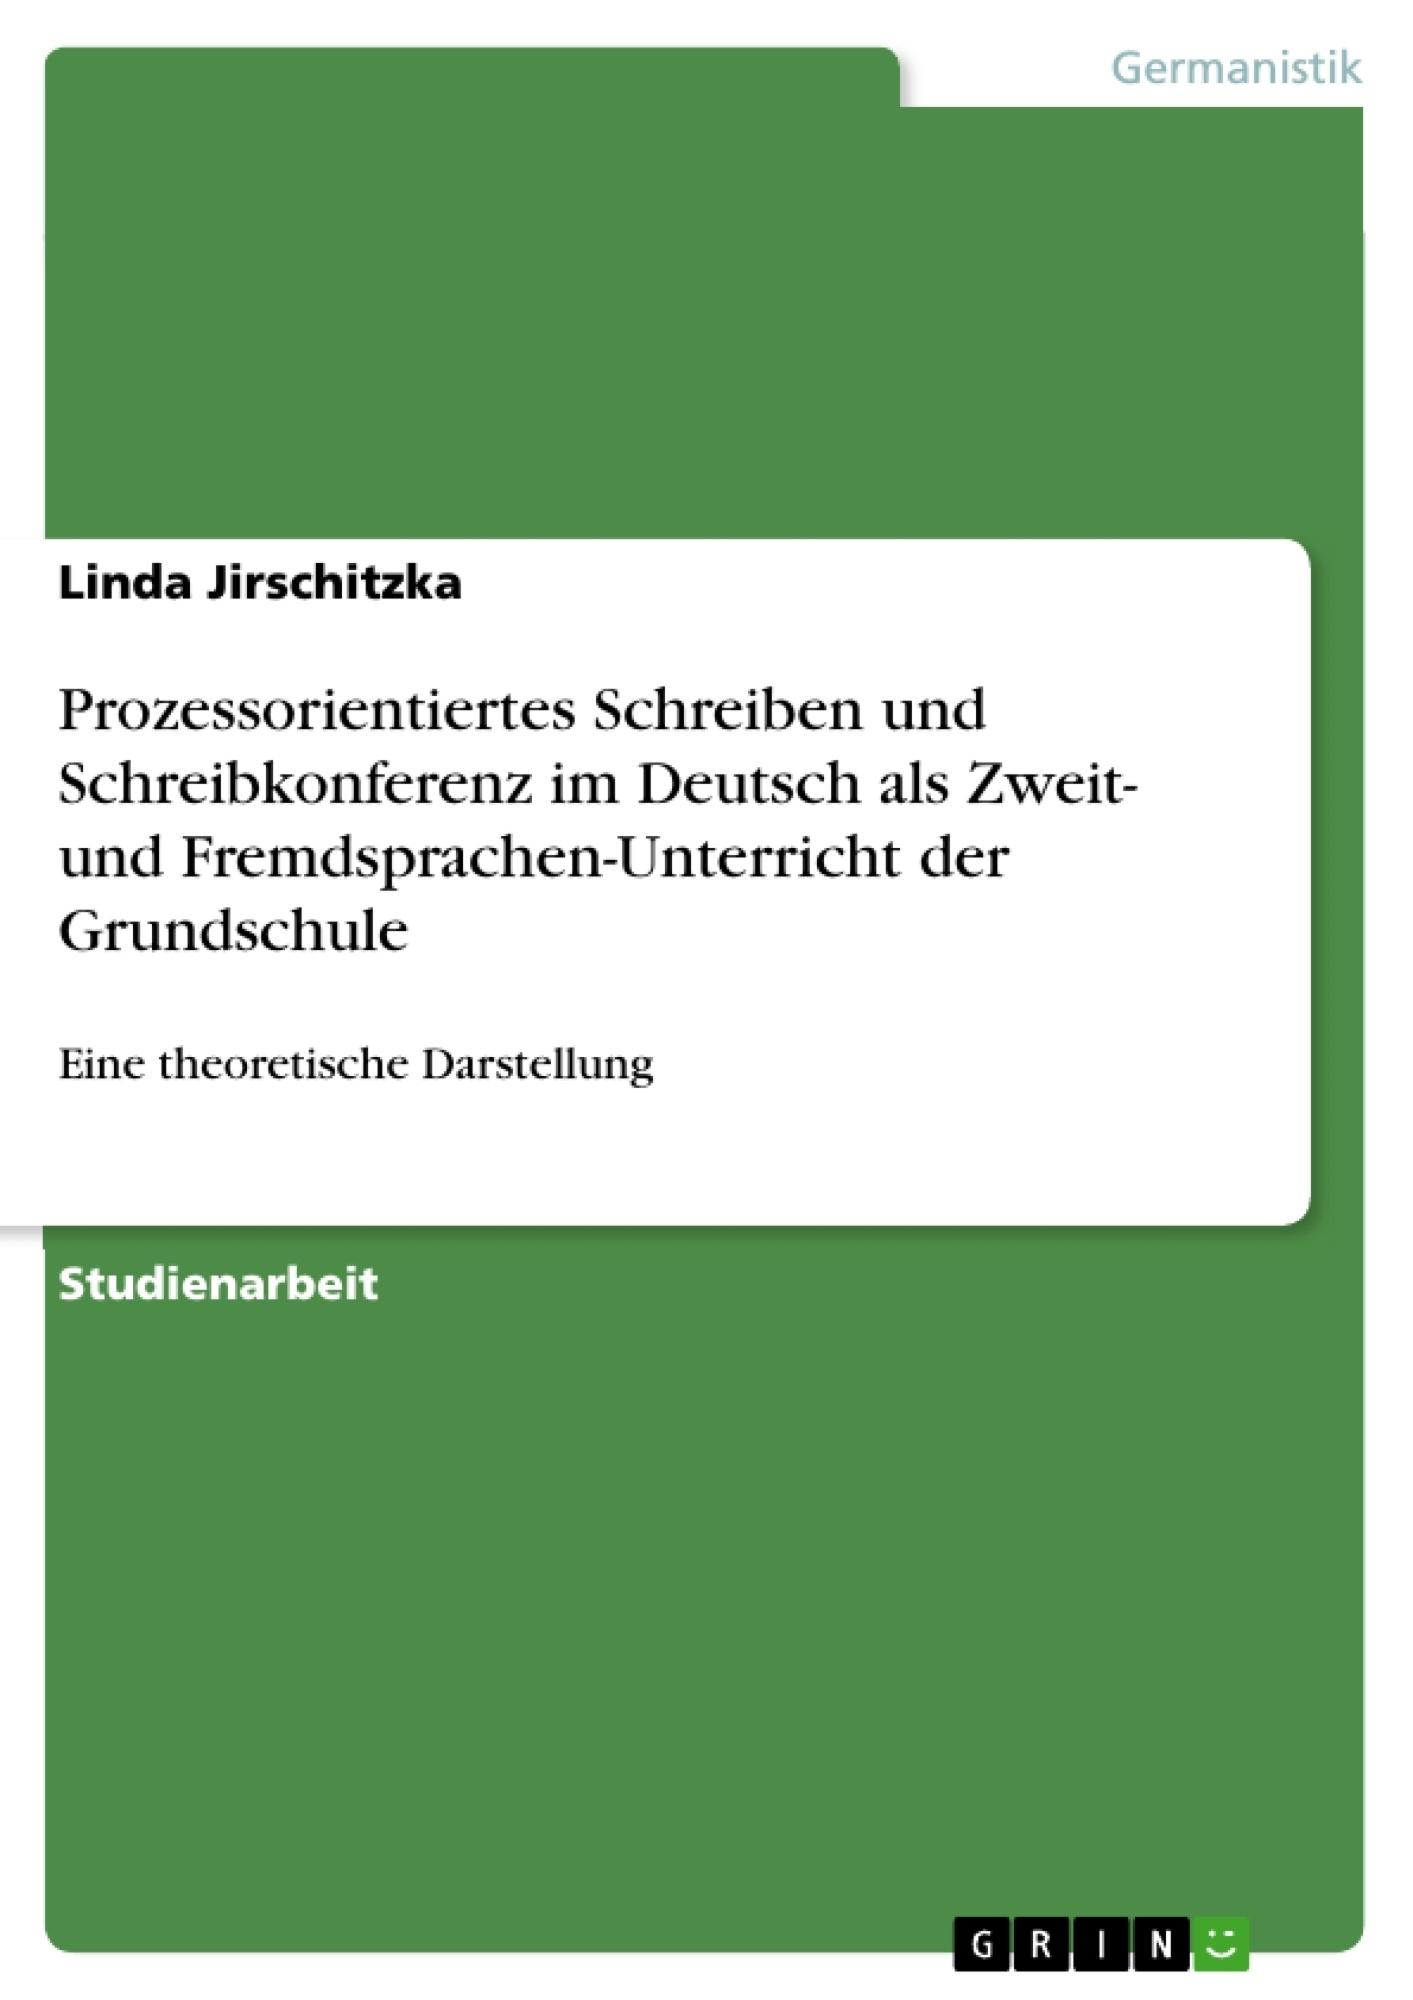 Titel: Prozessorientiertes Schreiben und Schreibkonferenz im Deutsch als Zweit- und Fremdsprachen-Unterricht der Grundschule